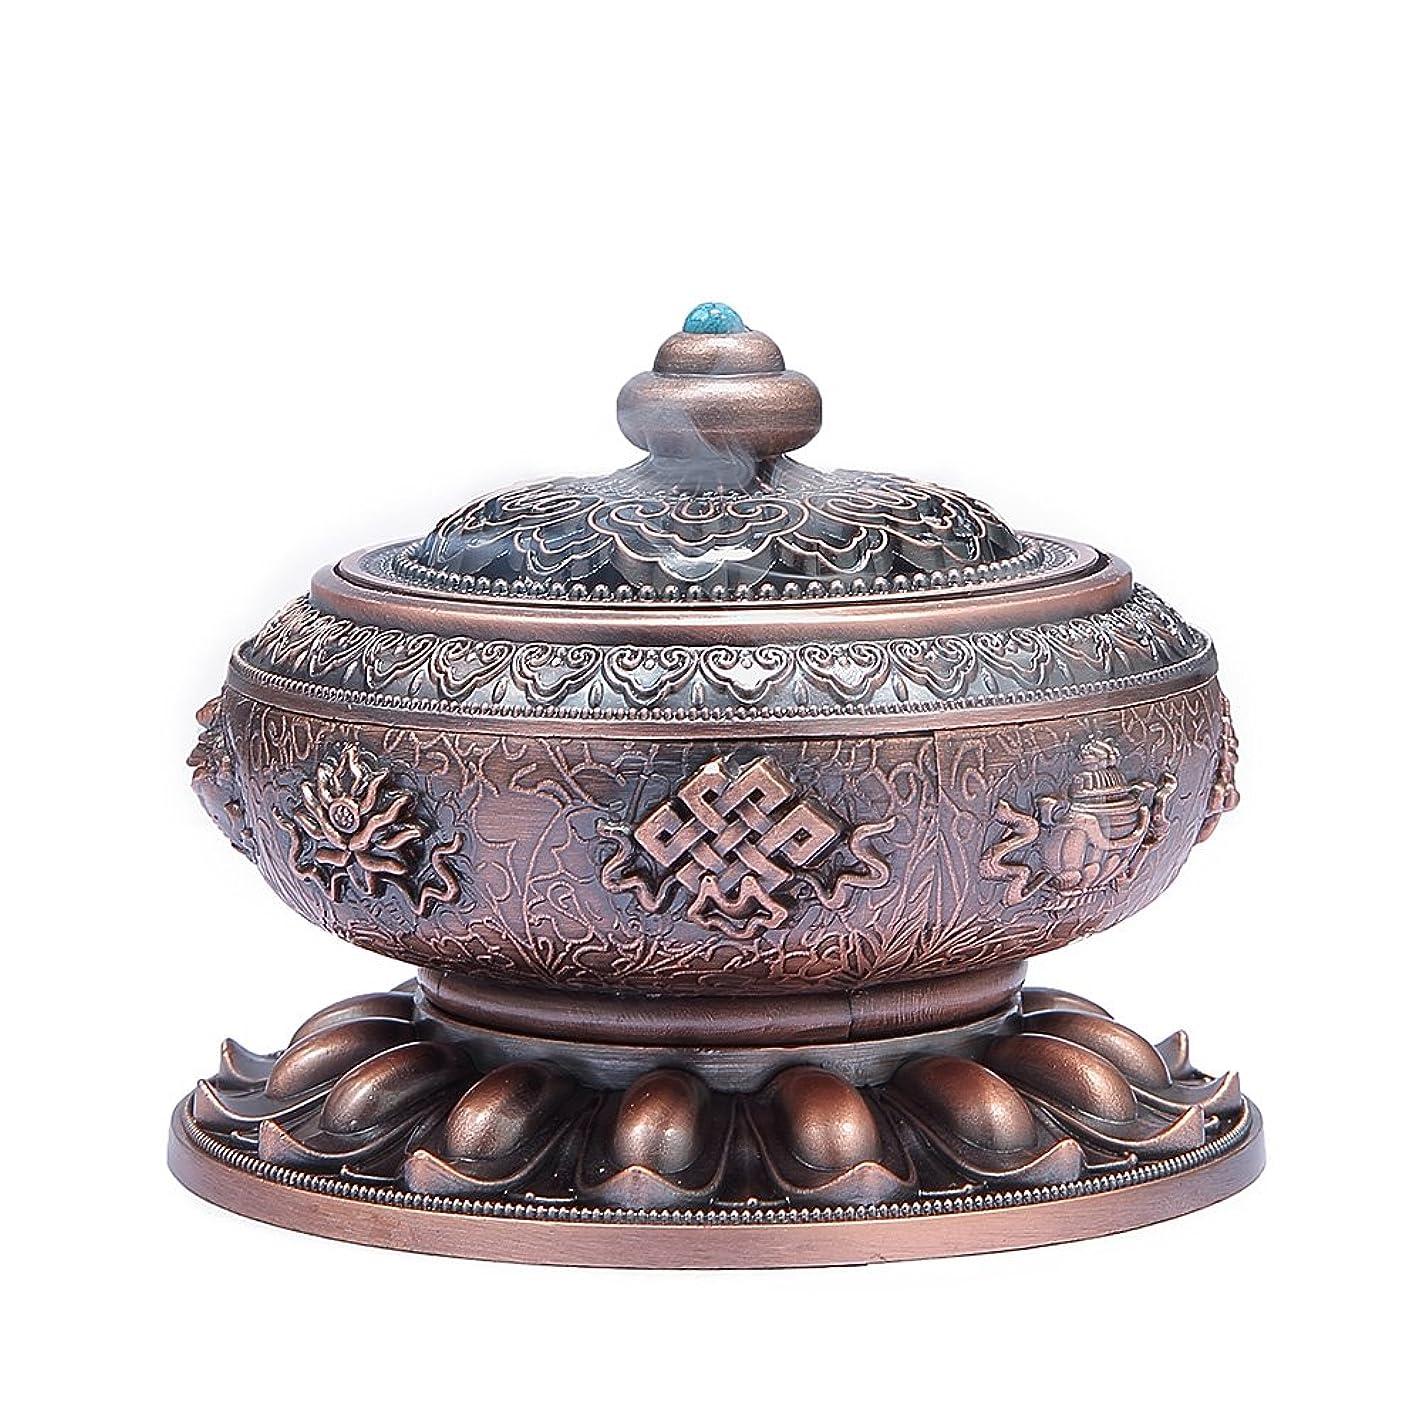 収入怒っている圧縮MEDOOSKY Large Incense Holder Burner Tibet Lotus Copper Alloy( Stick/ Cone/ Coil Incense)